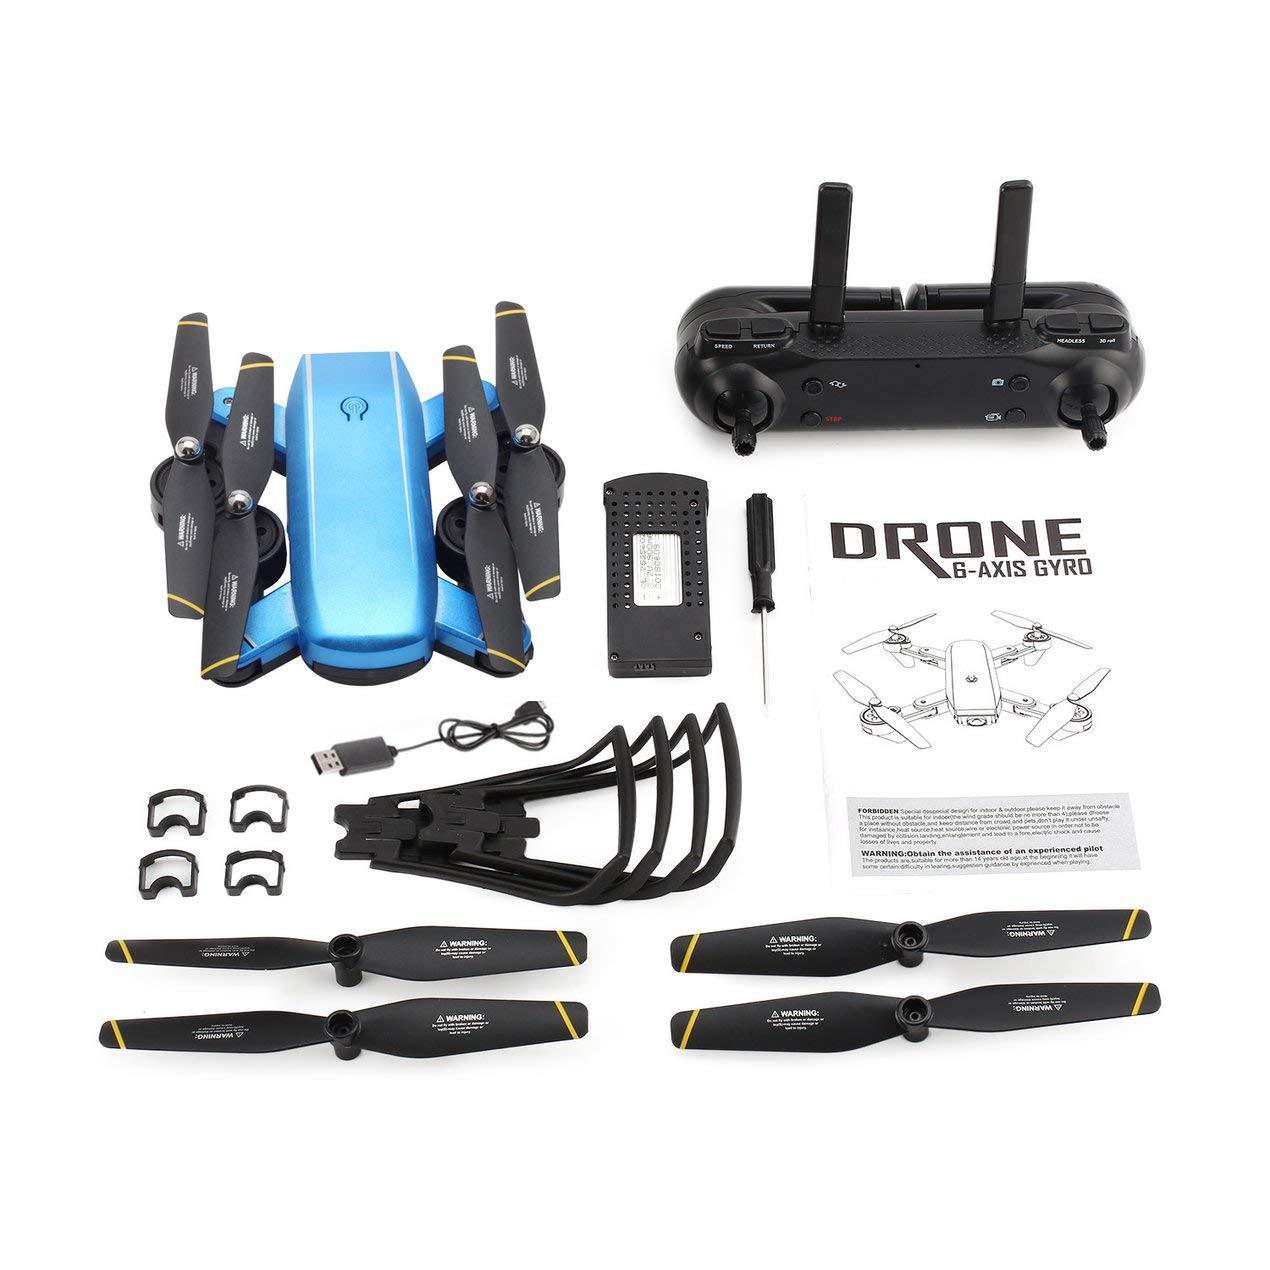 comprar ahora Dooret SG700 2.4G RC Aviones no tripulados tripulados tripulados Plegable Quadcopter con la cámara 720P HD WiFi FPV Flujo óptico Posicionamiento Altitud Hold Modo sin Cabeza  salida